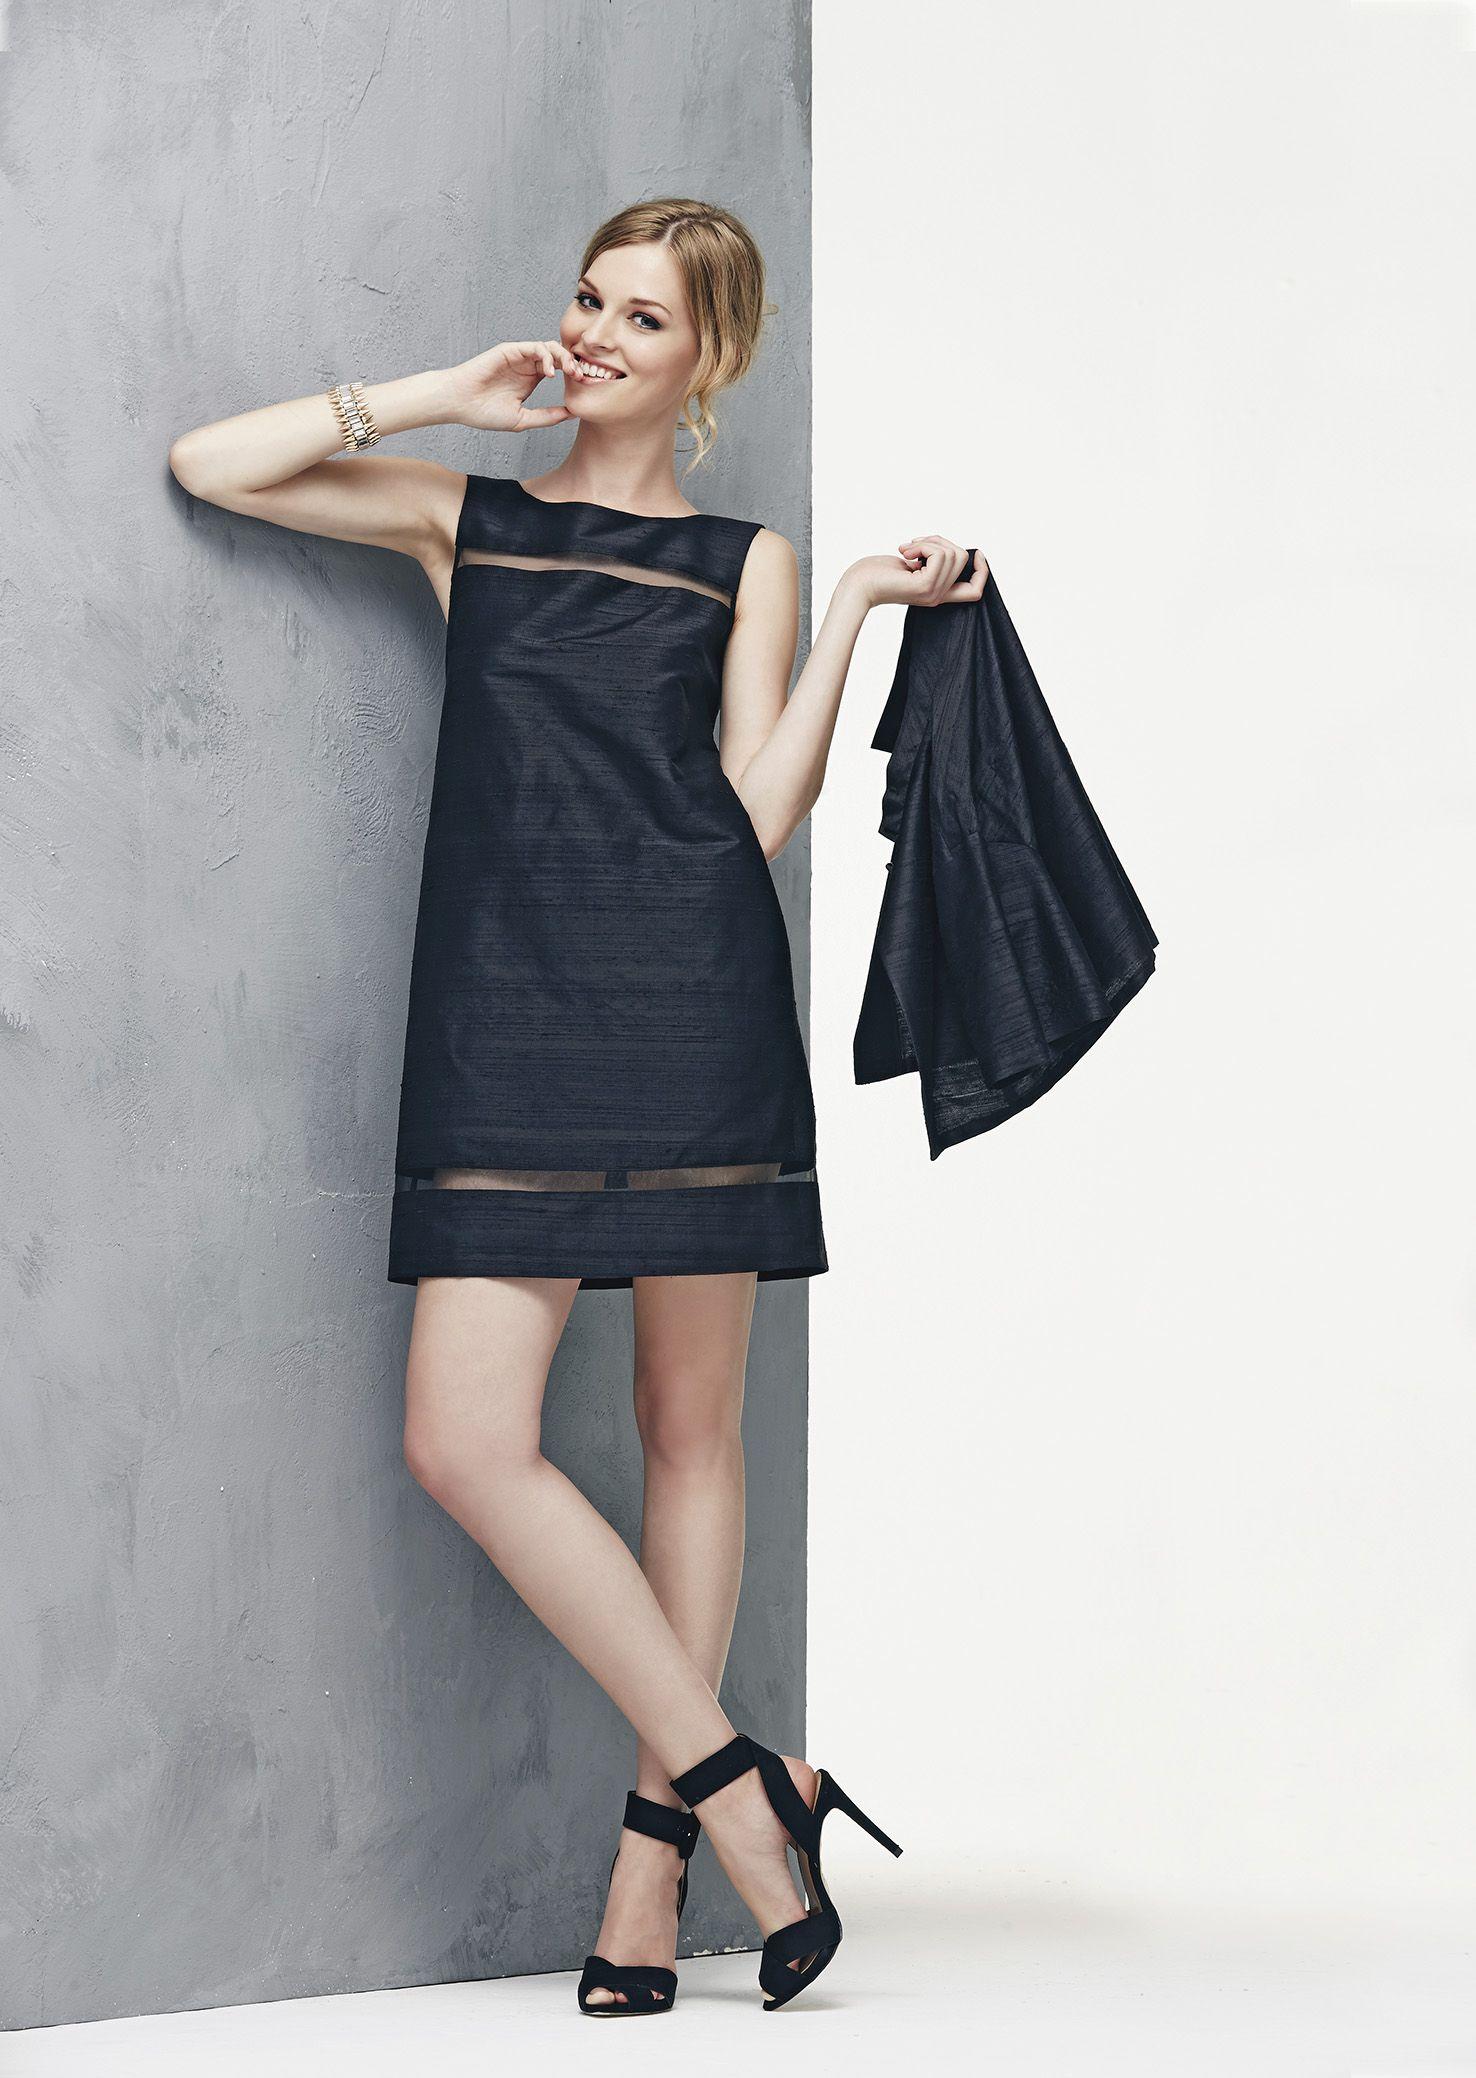 ab6702bb6ced Shantung di seta nera per l abito a trapezio con bordure trasparenti ...